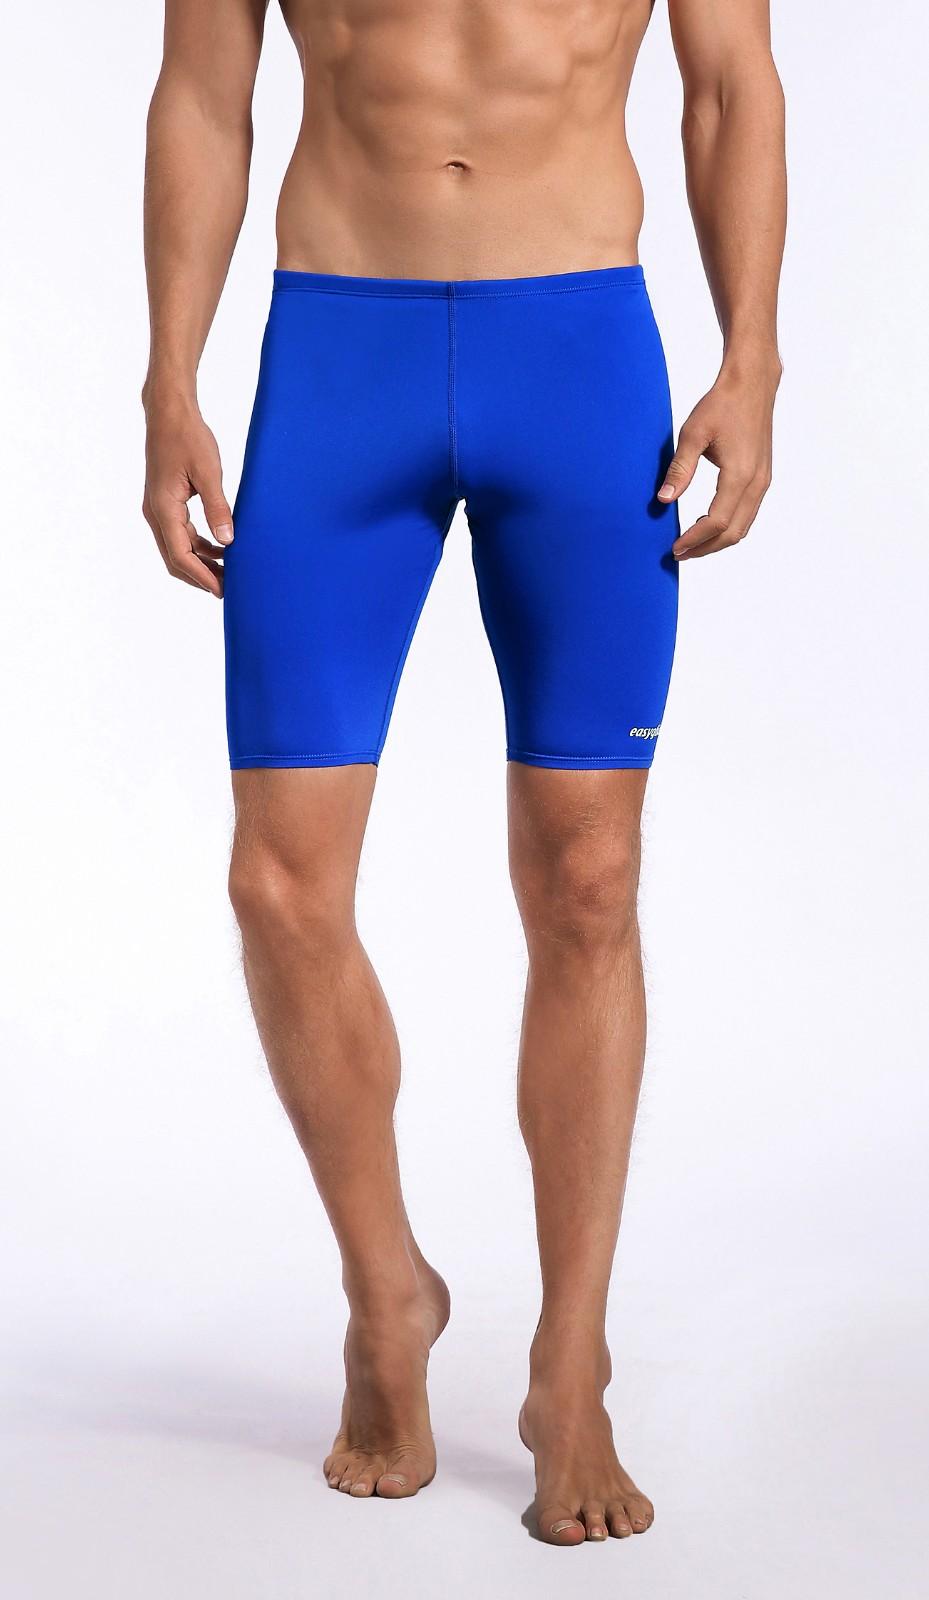 Jammer-Mens-Swimwear-R11-.jpg